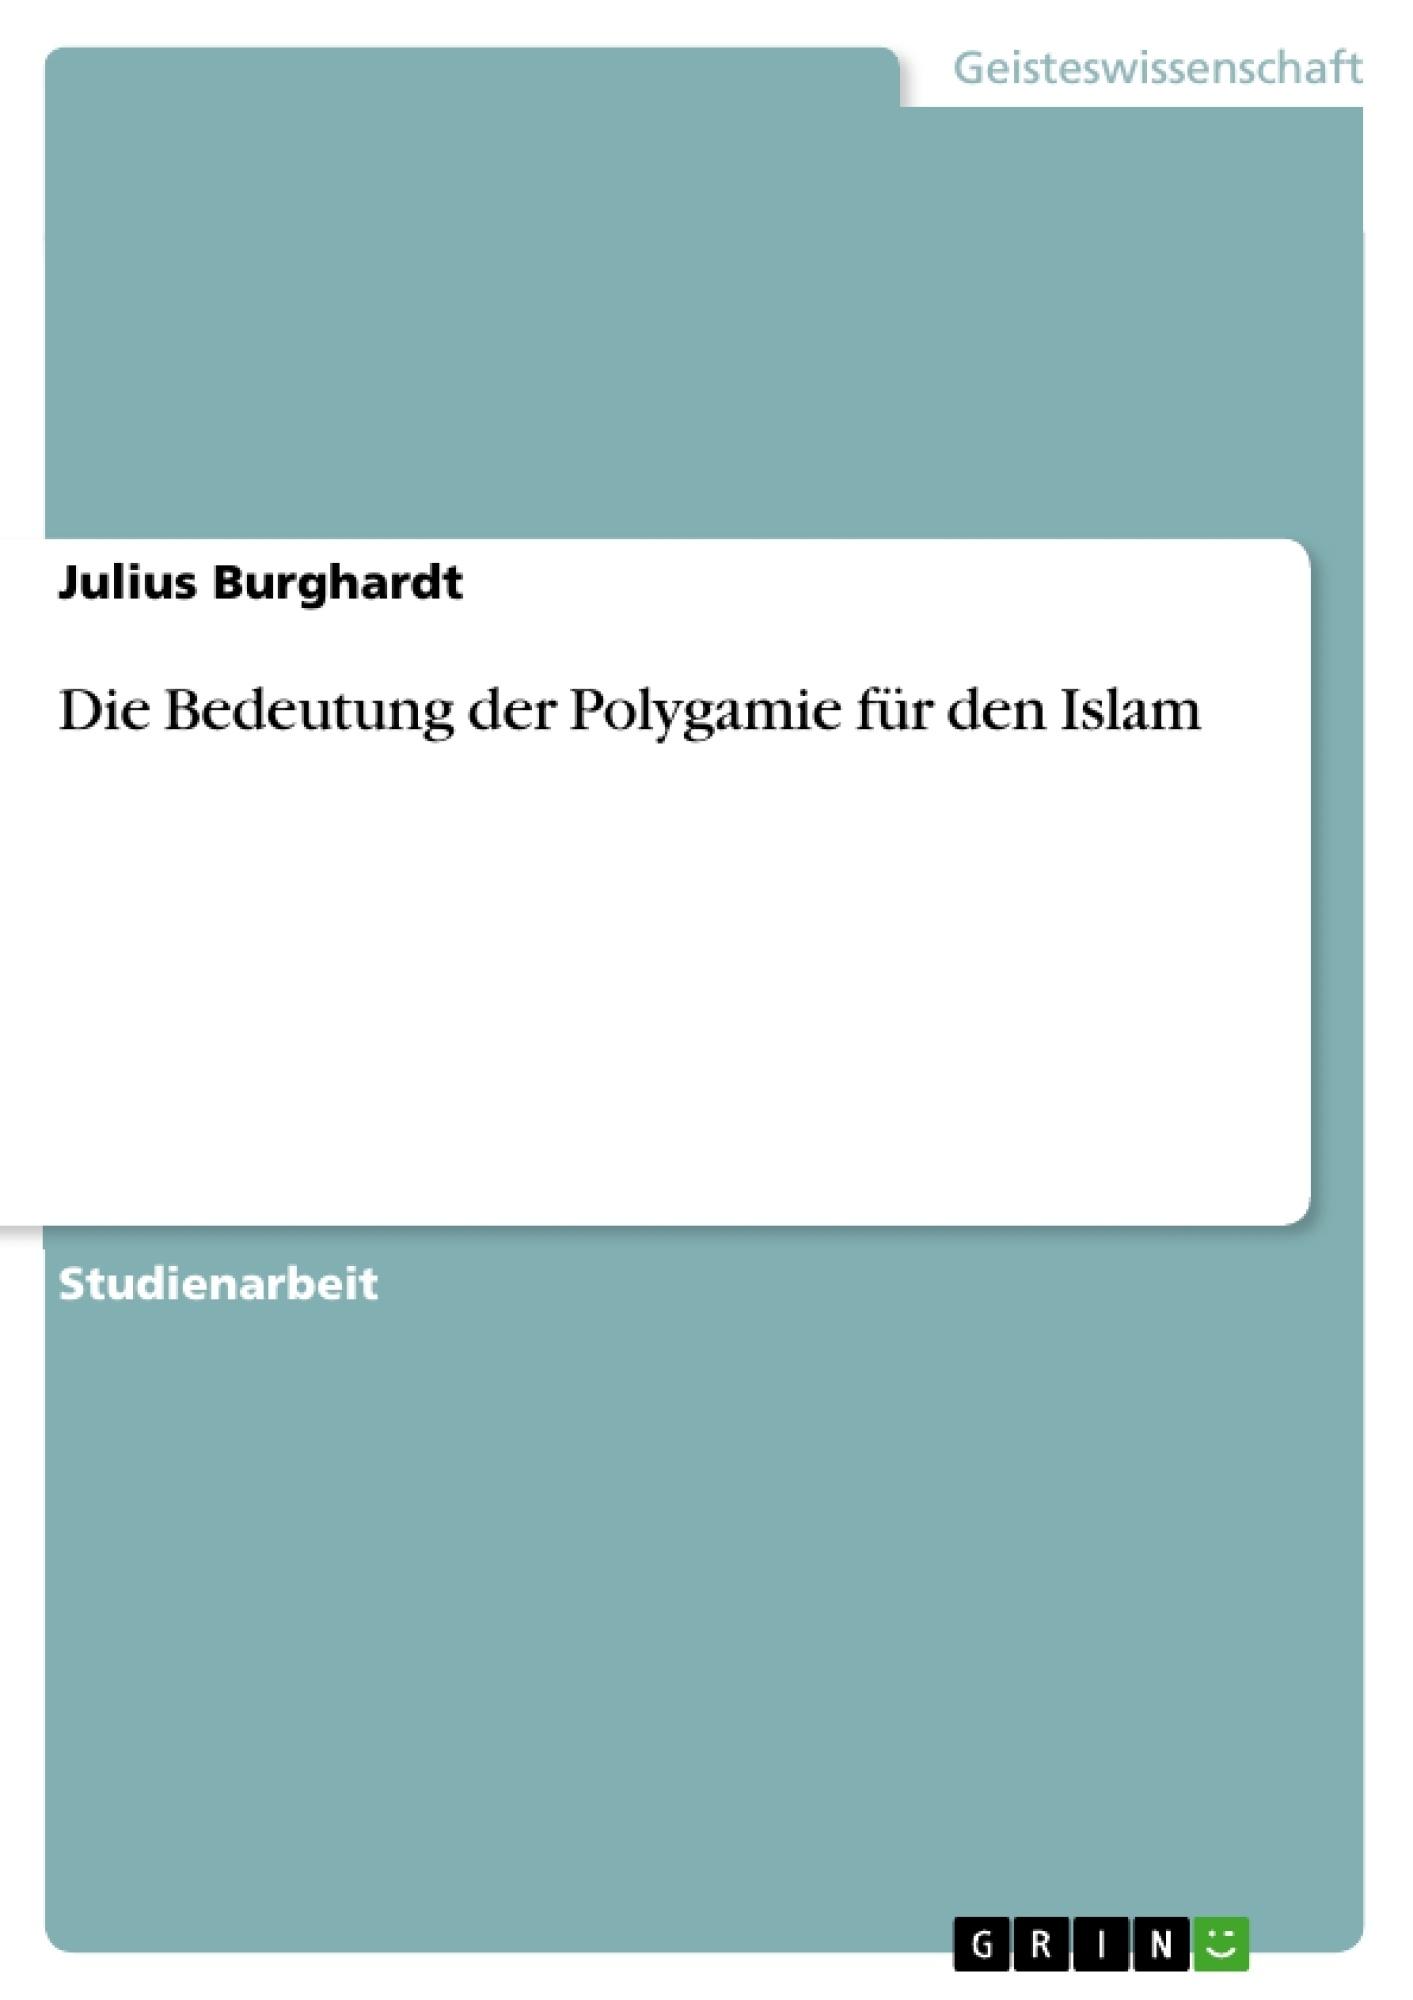 Titel: Die Bedeutung der Polygamie für den Islam